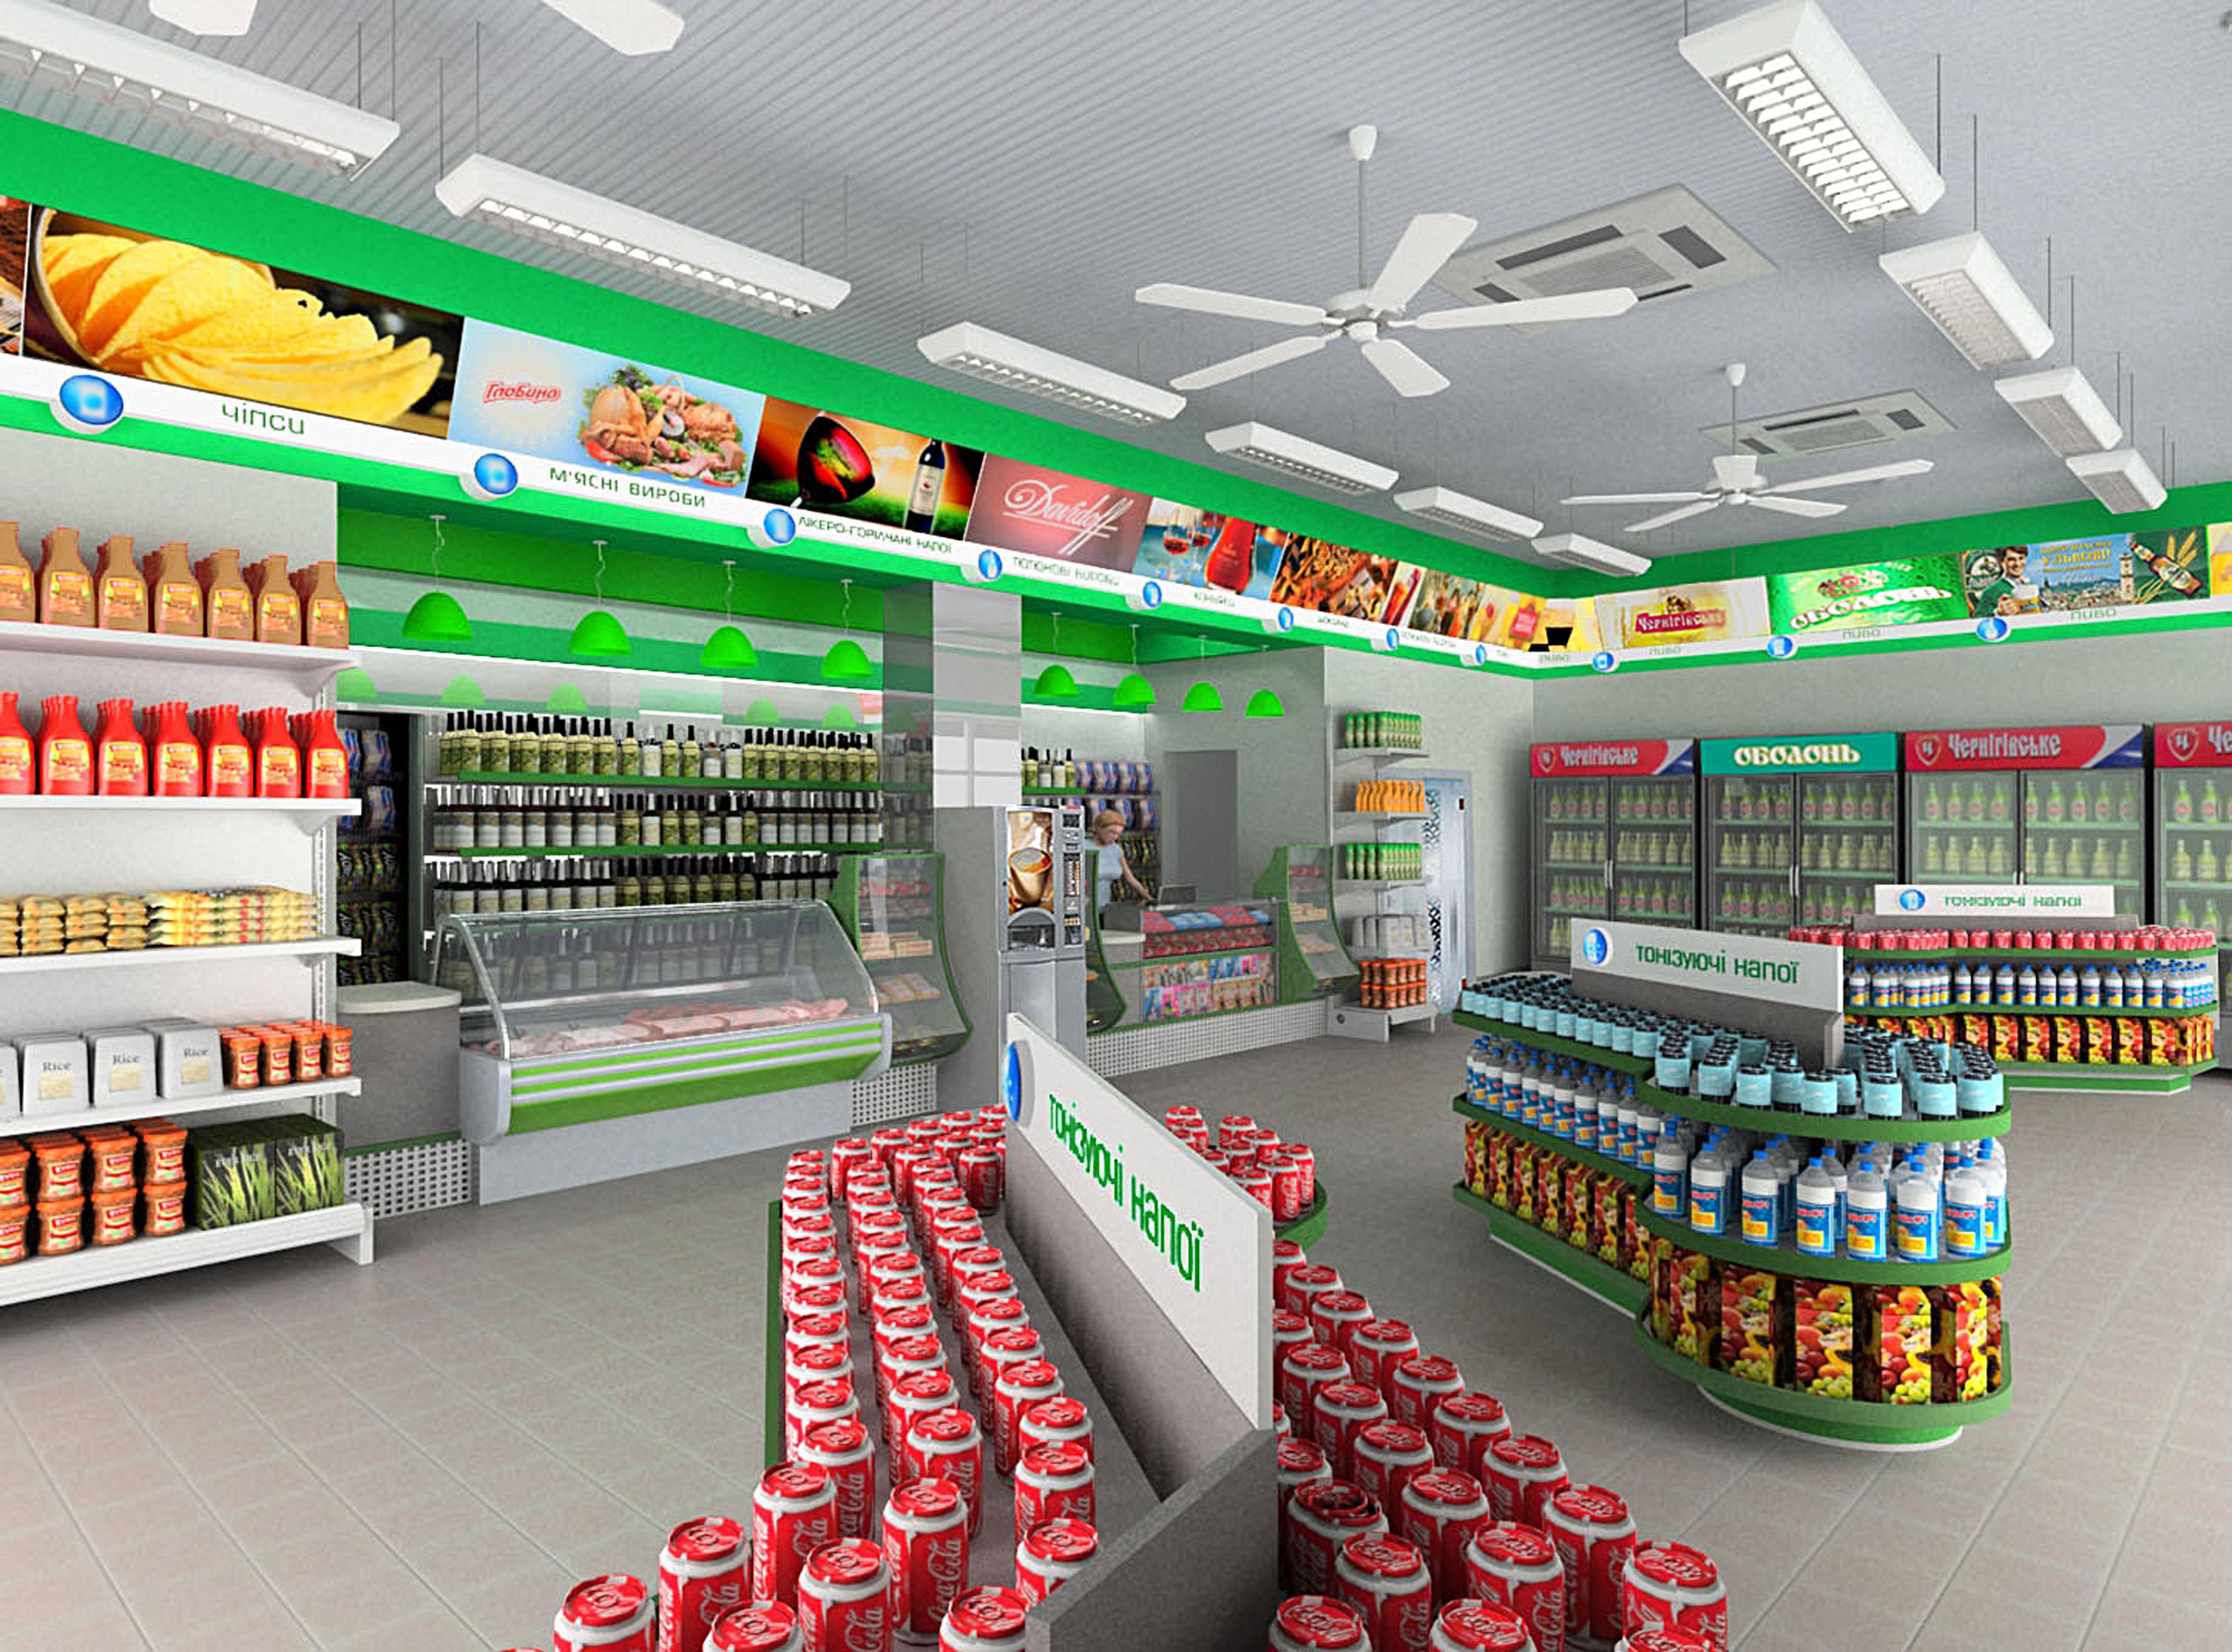 ccf66bcf557 Дизайн торгового зала и оформление витрин магазинов